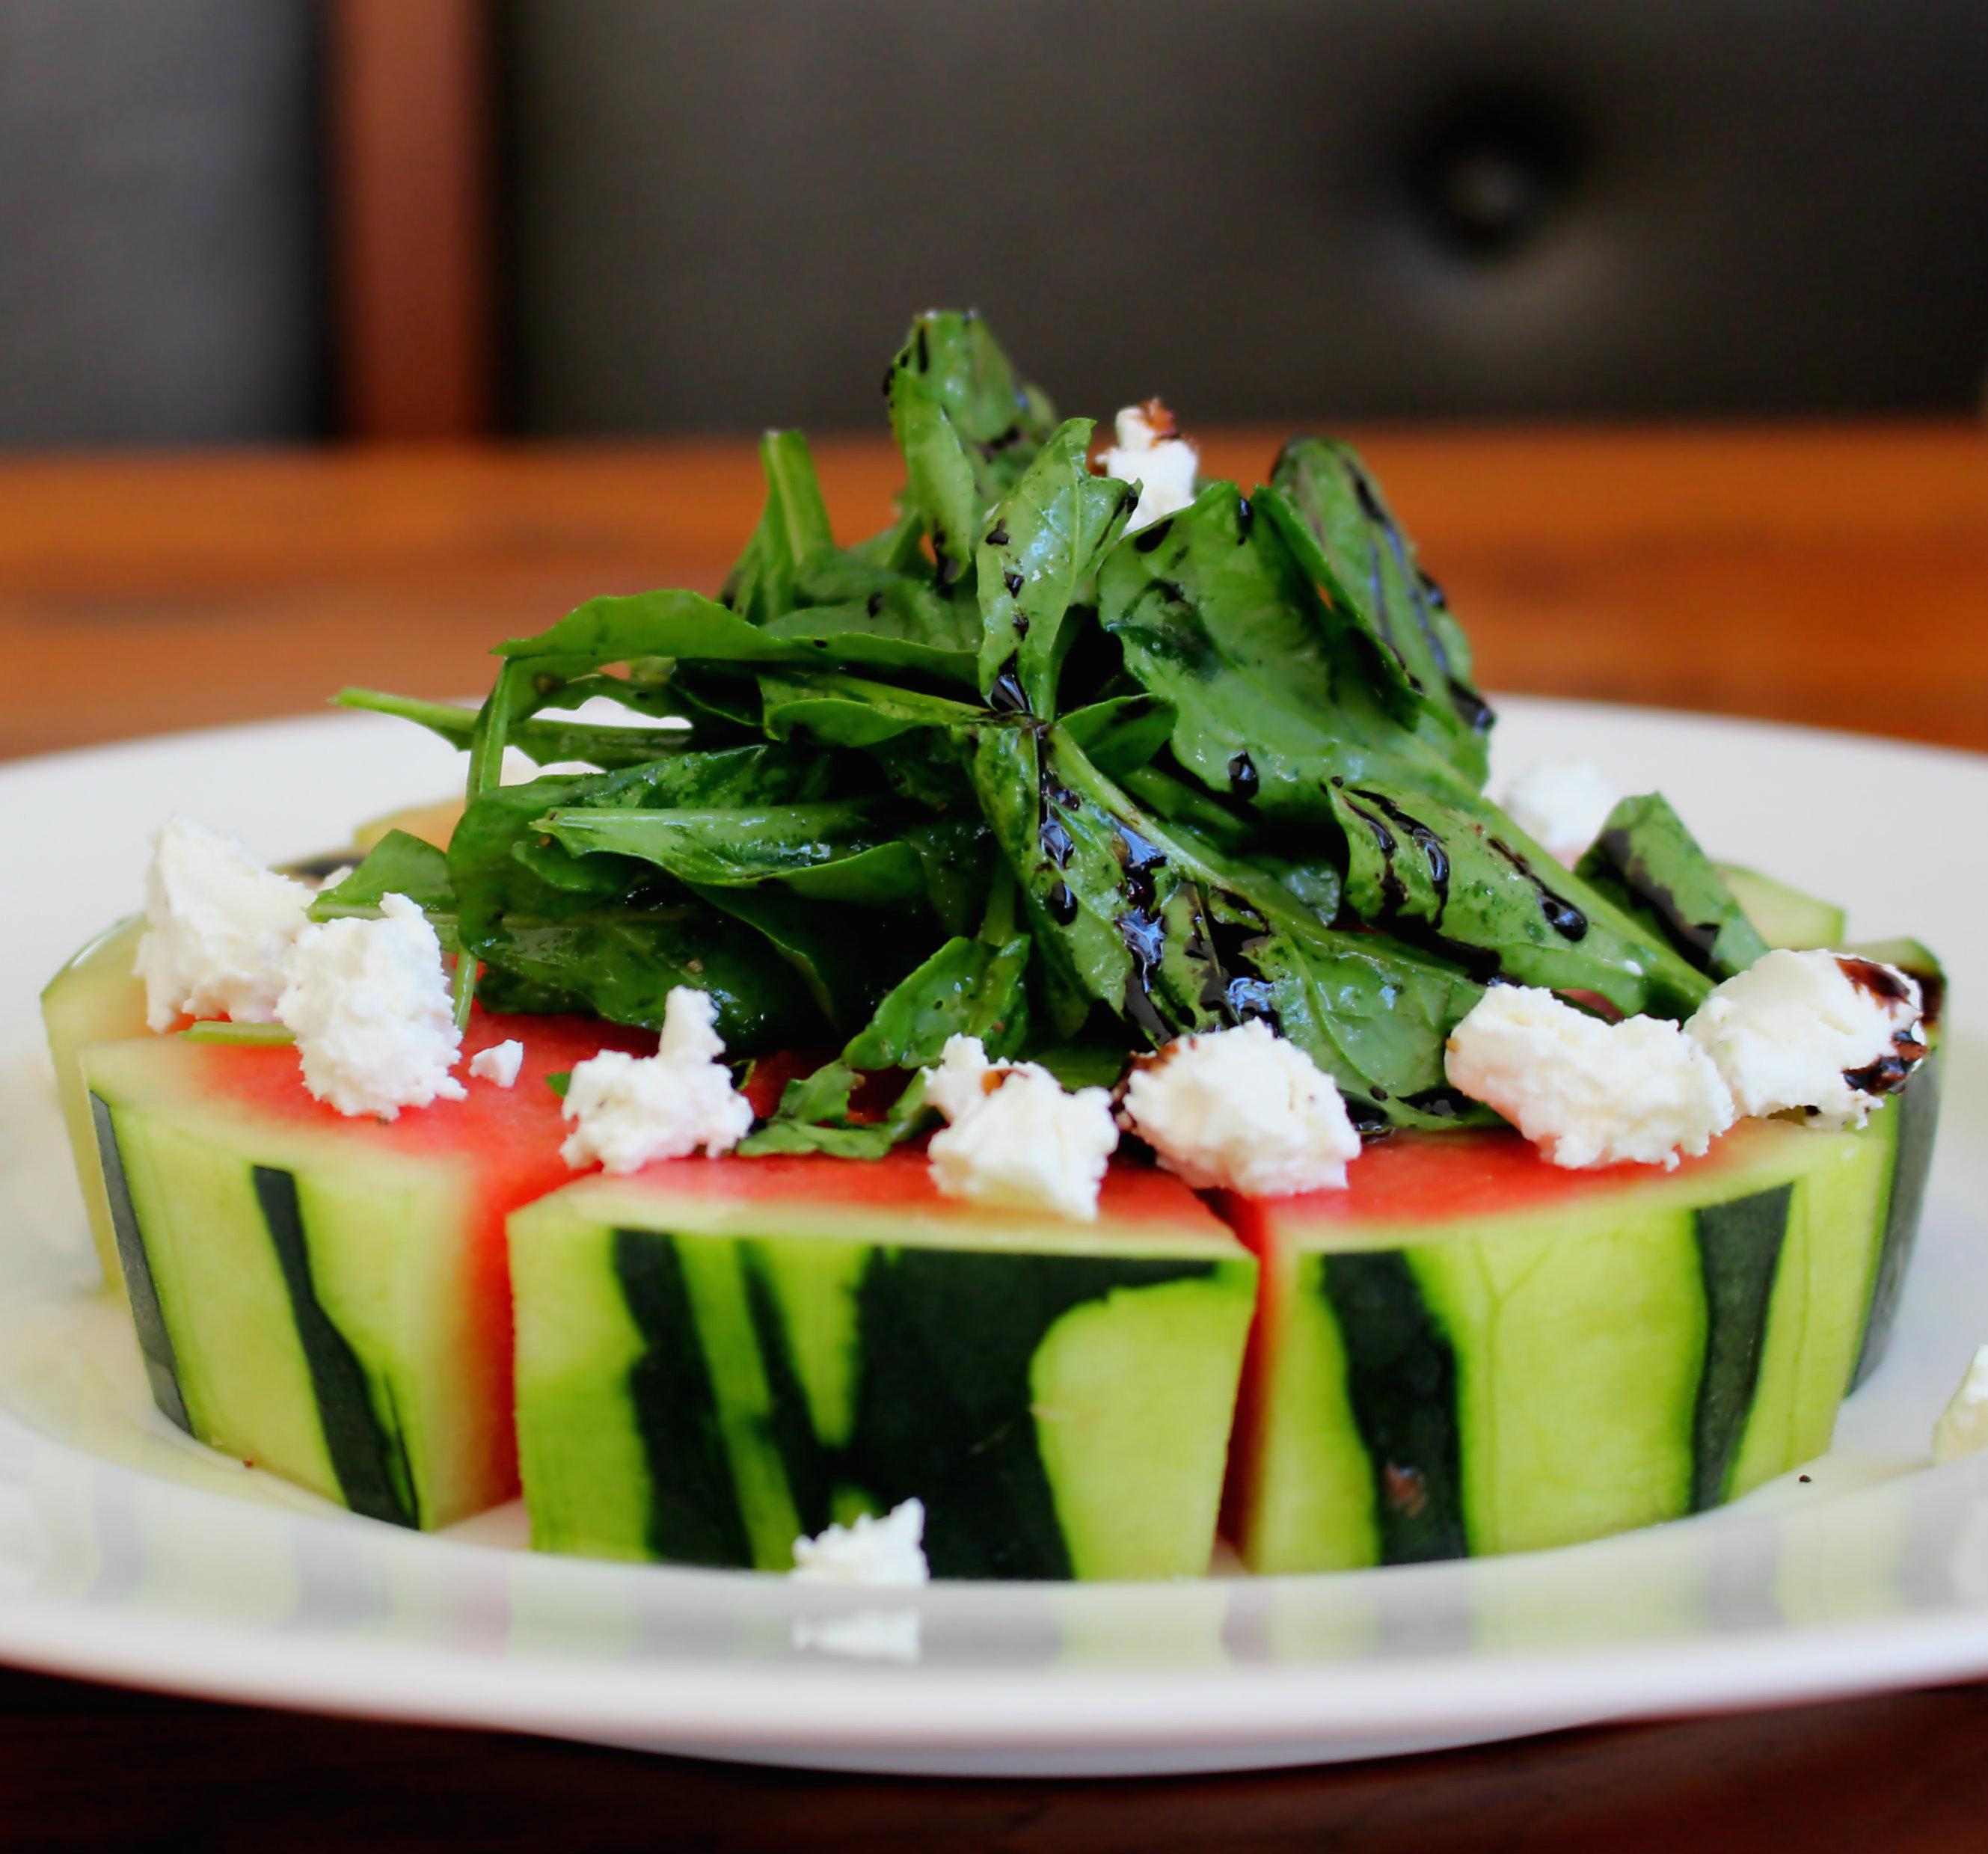 watermeloen, pizza, food, trend, zomer, fruit